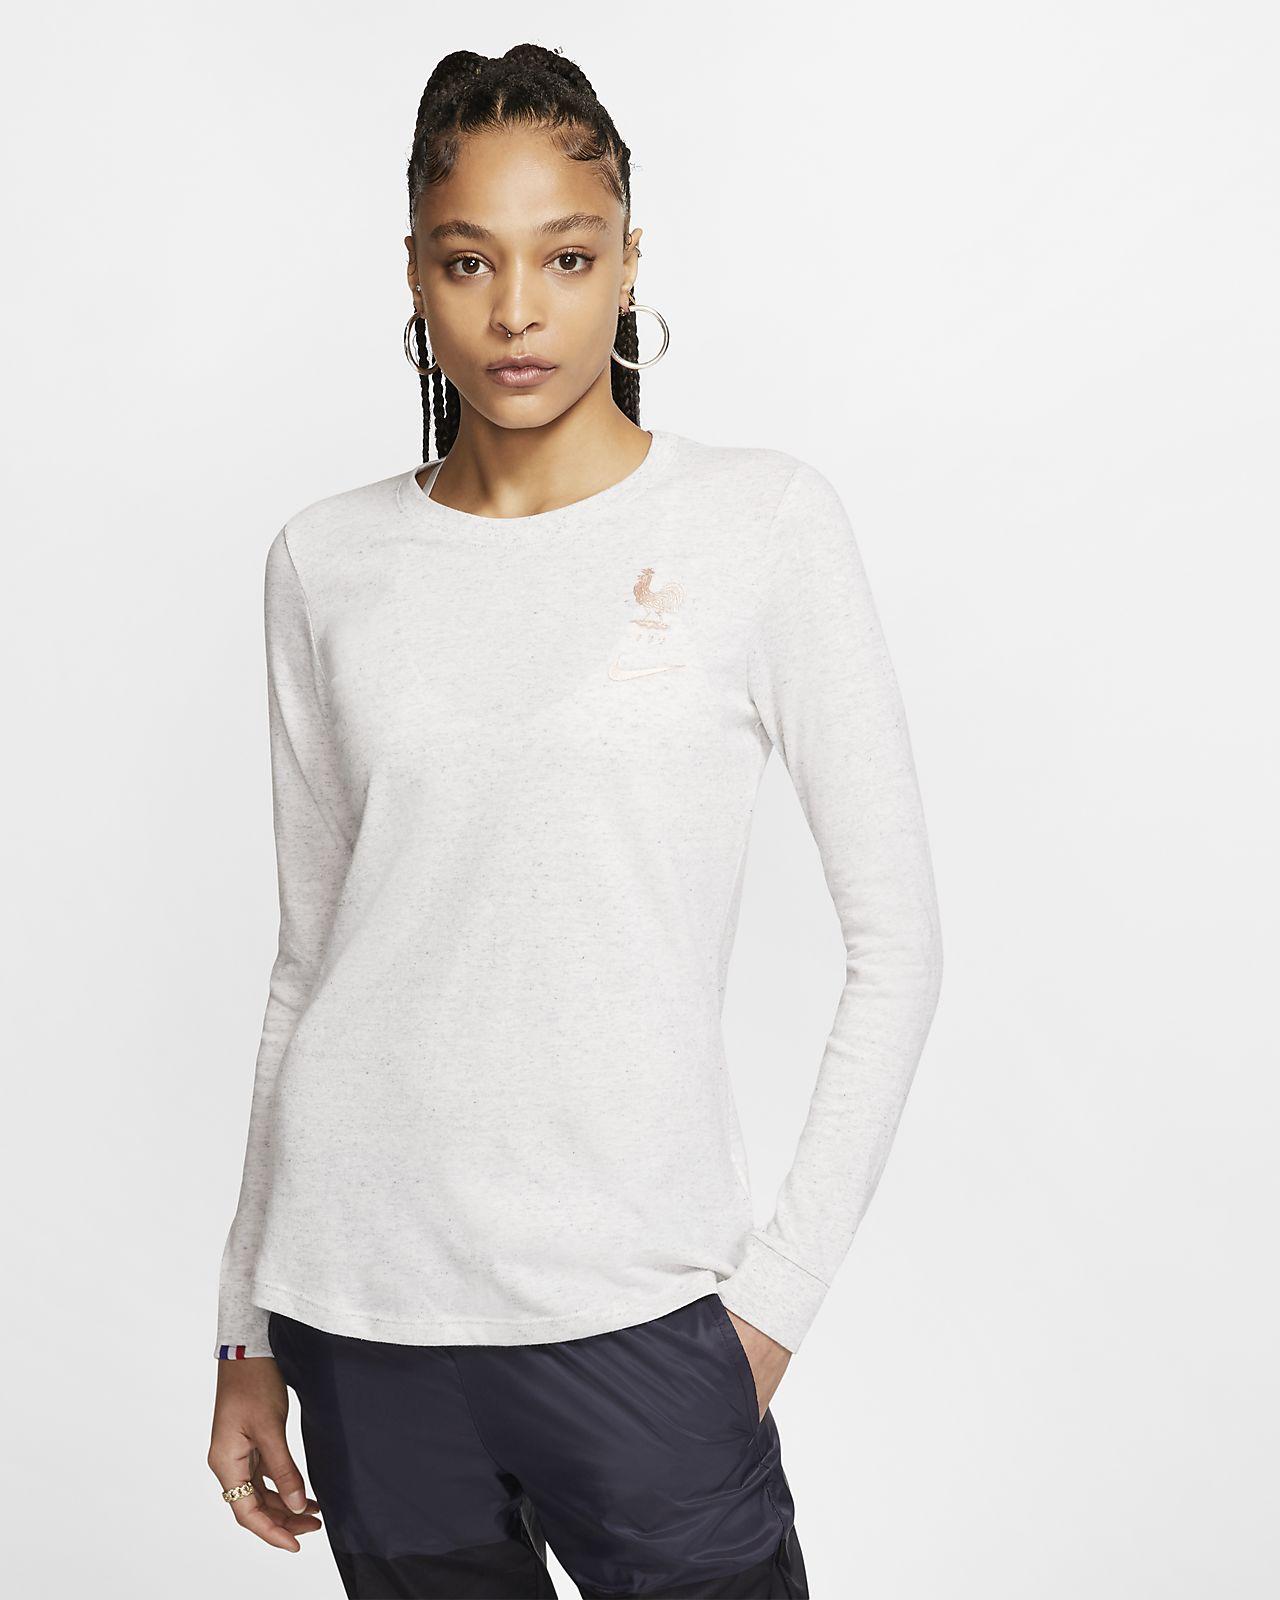 FFF langermet fotball-T-skjorte til dame